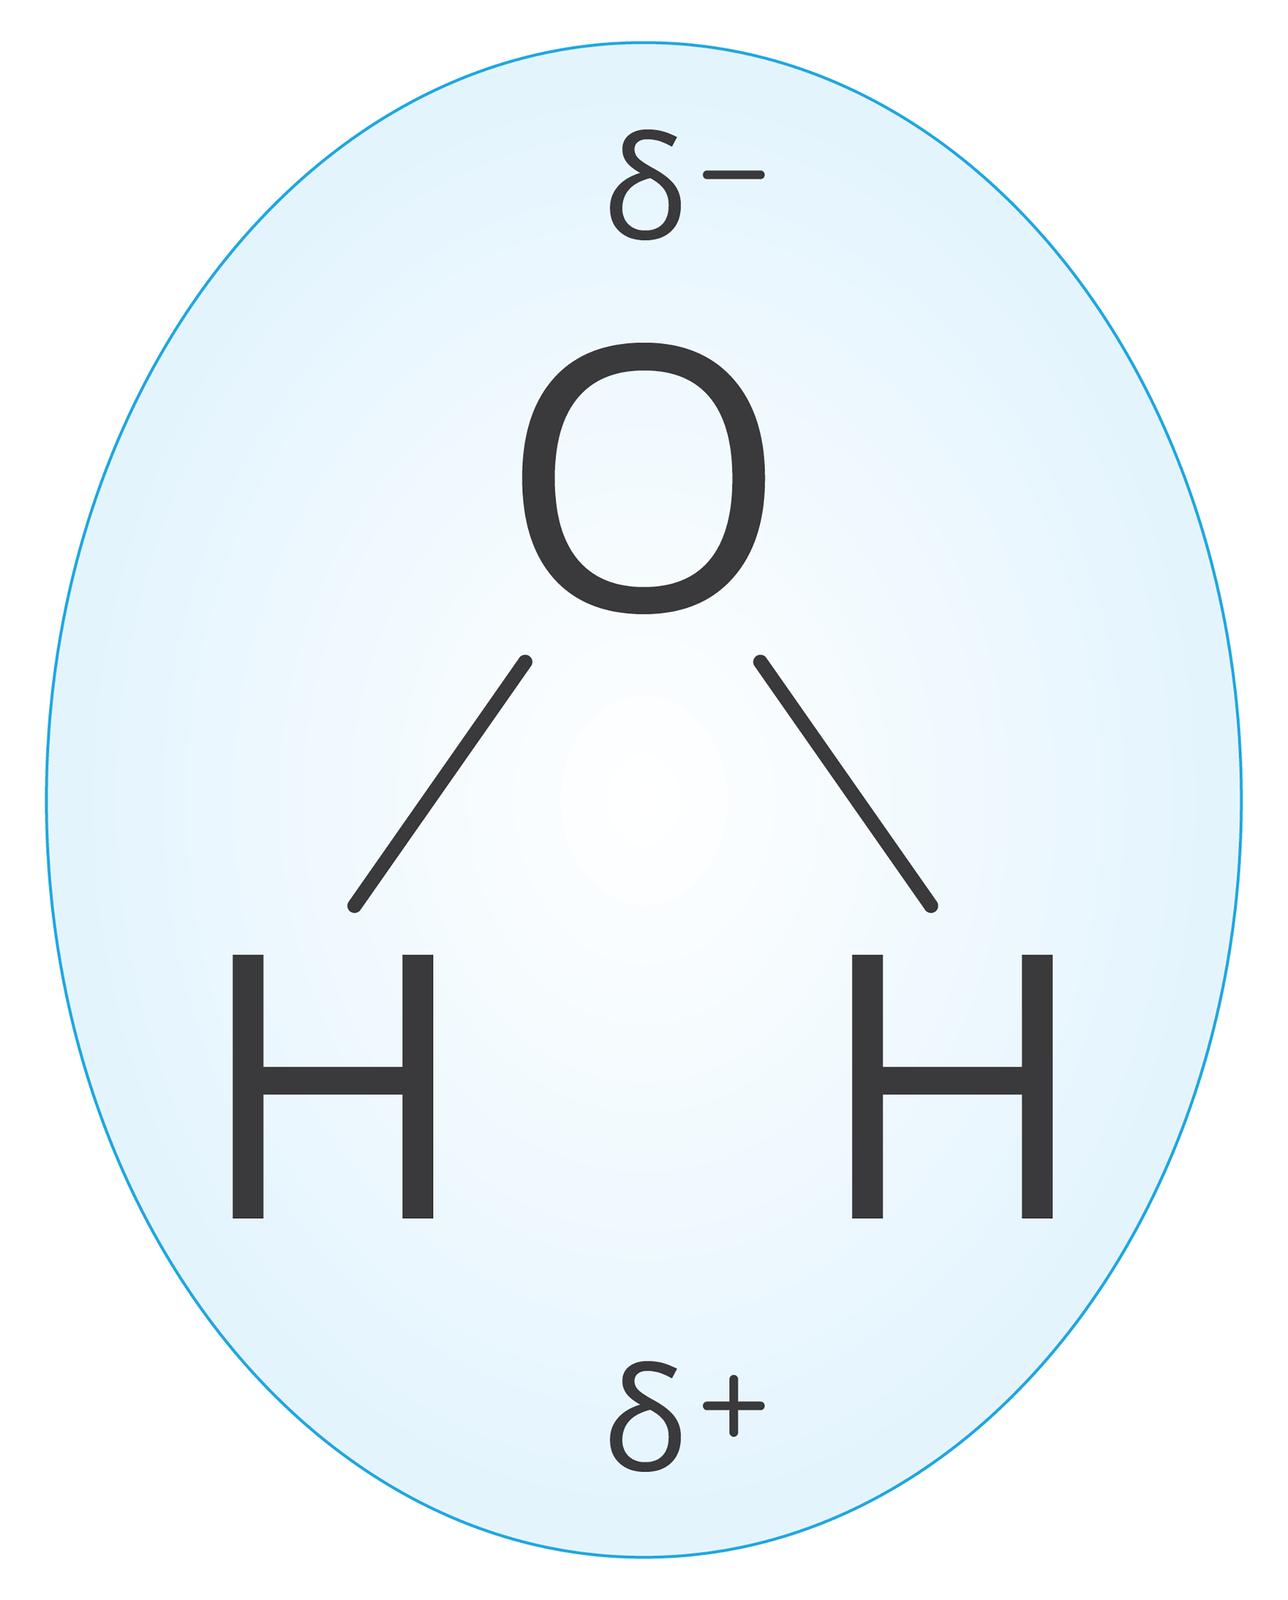 Ilustracja przedstawia model cząsteczki wody wzapisie strukturalnym. Symbol atomu tlenu Oznajduje się ugóry planszy, natomiast połączone znim pojedynczymi kreskami symbole atomów wodoru Hudołu planszy. Ponad symbolem tlenu znajduje się zapis delta minus dokonany zużyciem greckiej małej litery delta. Nieco poniżej symboli wodoru pomiędzy znakami Hznajduje się podobnie dokonany zapis delta plus. Cały model wraz zzapisami ładunków znajduje się na tle niebieskiego owalu zbłękitno białym wnętrzem, symbolizującego kroplę.